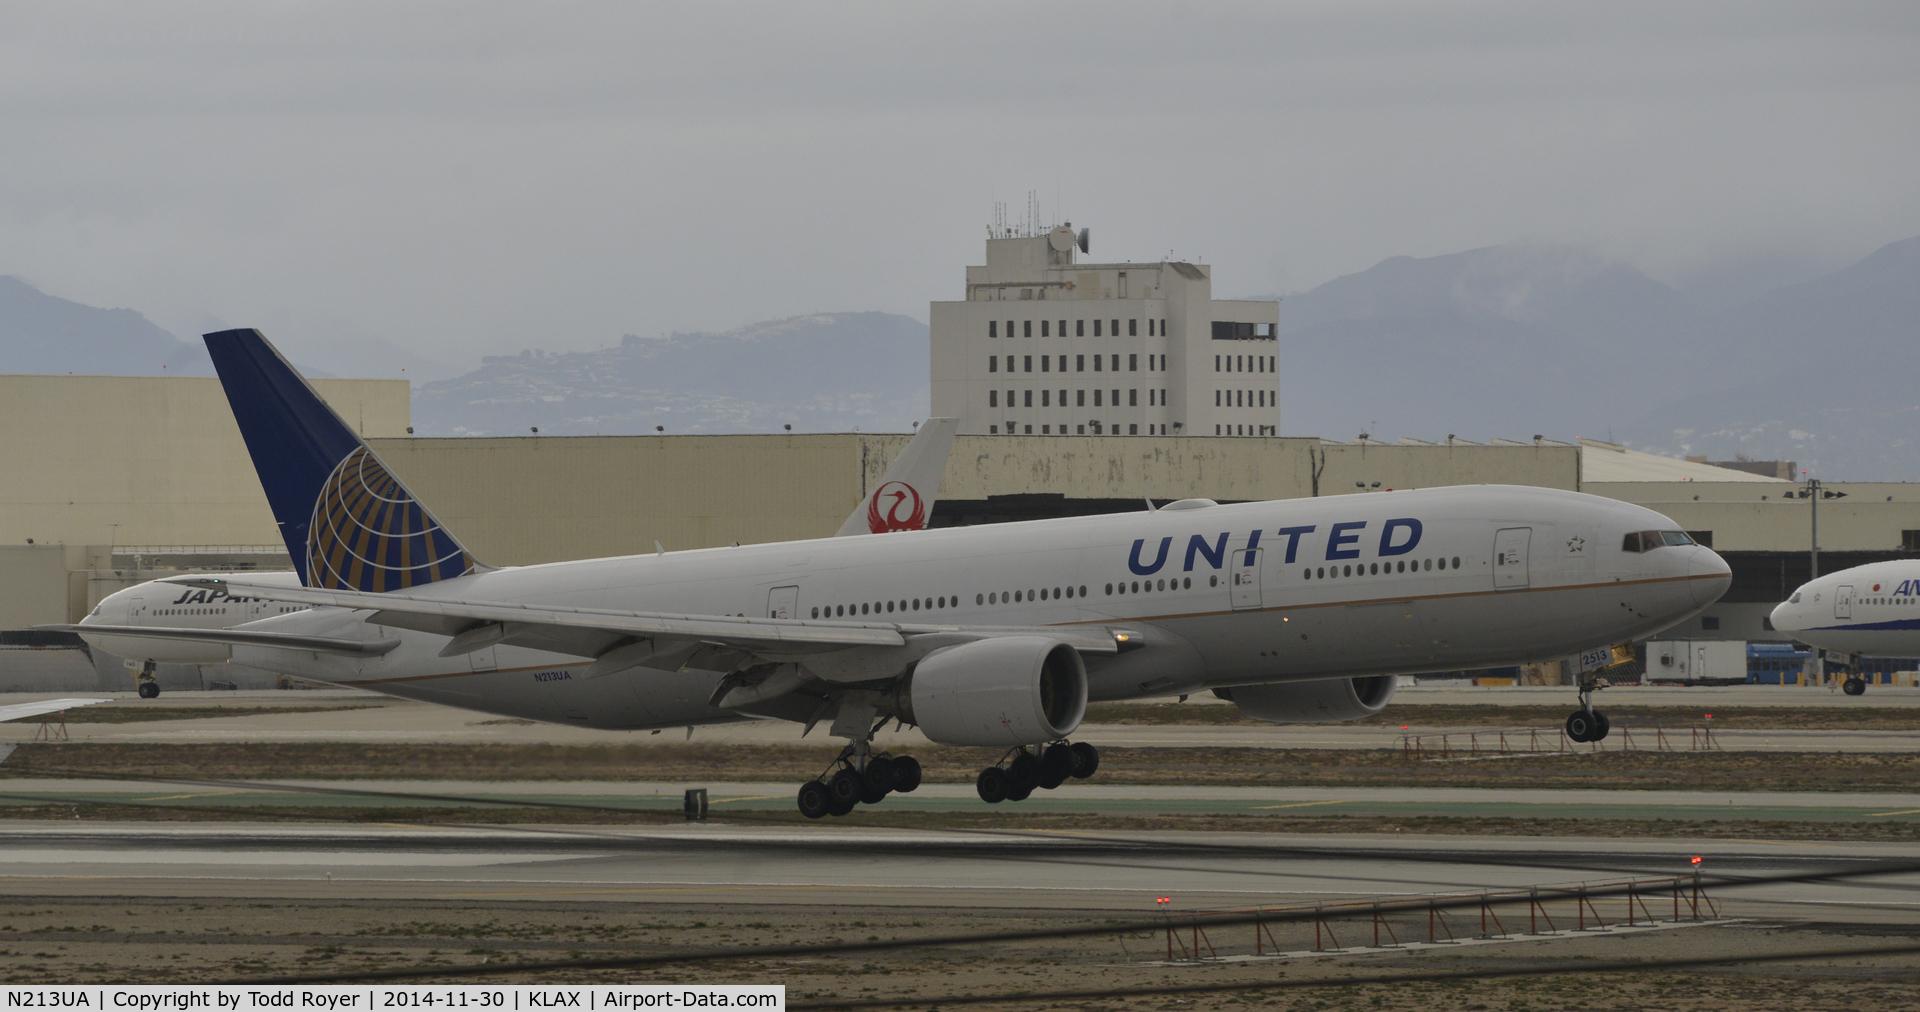 N213UA, 2000 Boeing 777-222 C/N 30219, Landing at LAX on 7R